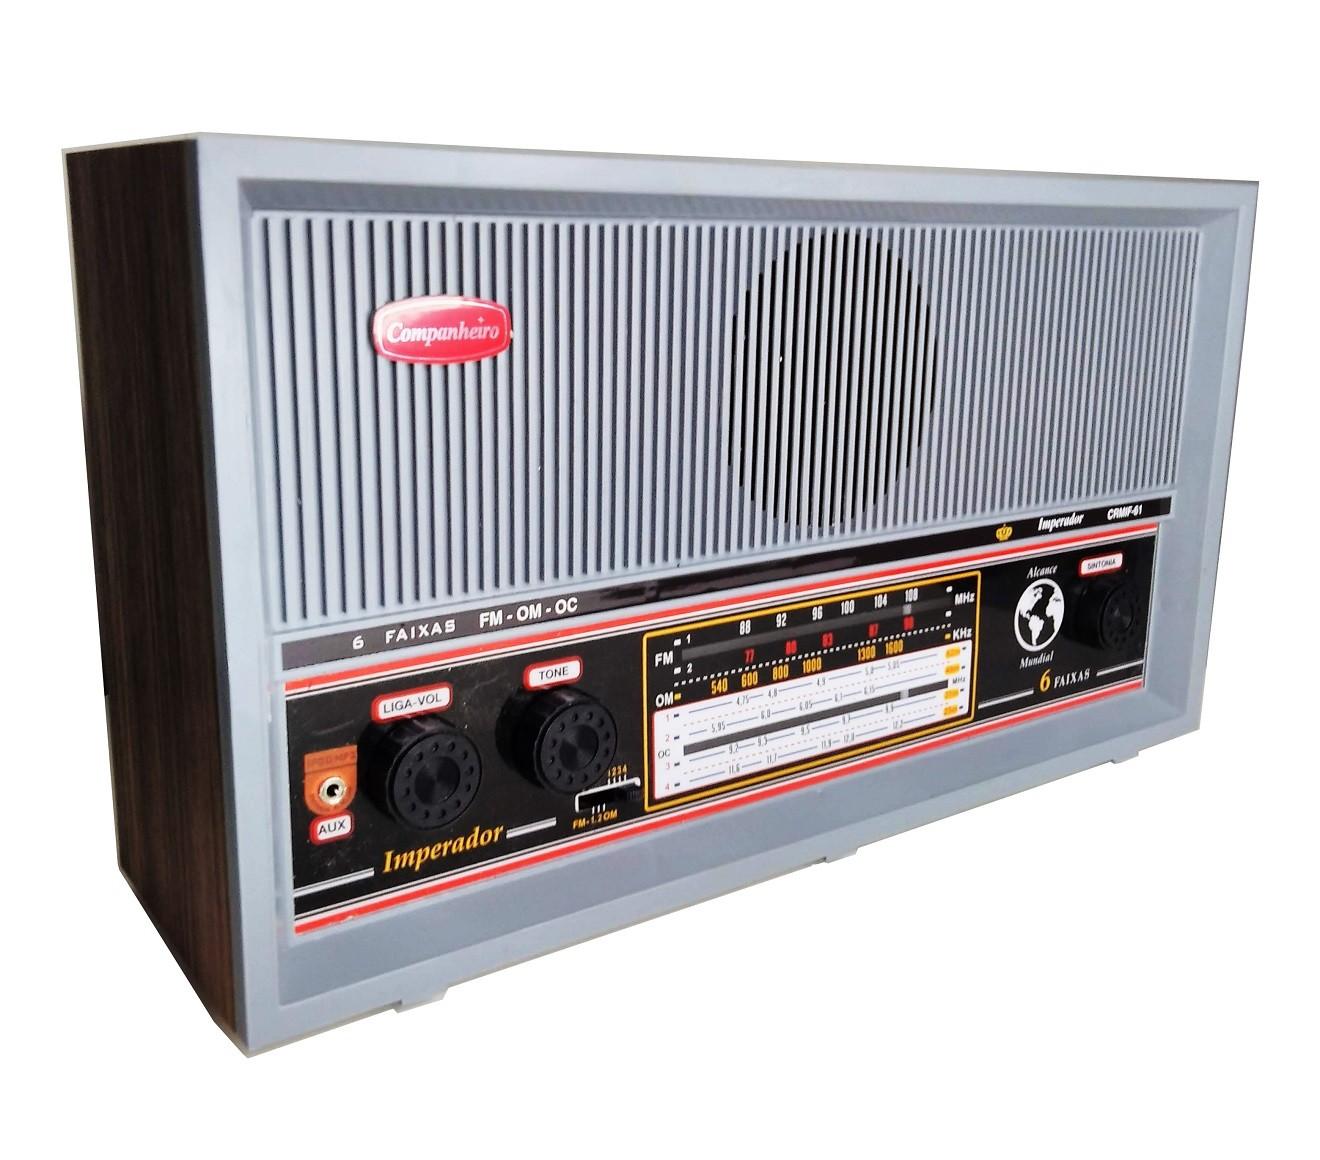 Radio Companheiro Madeira Vintage Retrô Itamarati 3 Faixas AM FM e FMW - CRMIF-31 CINZA